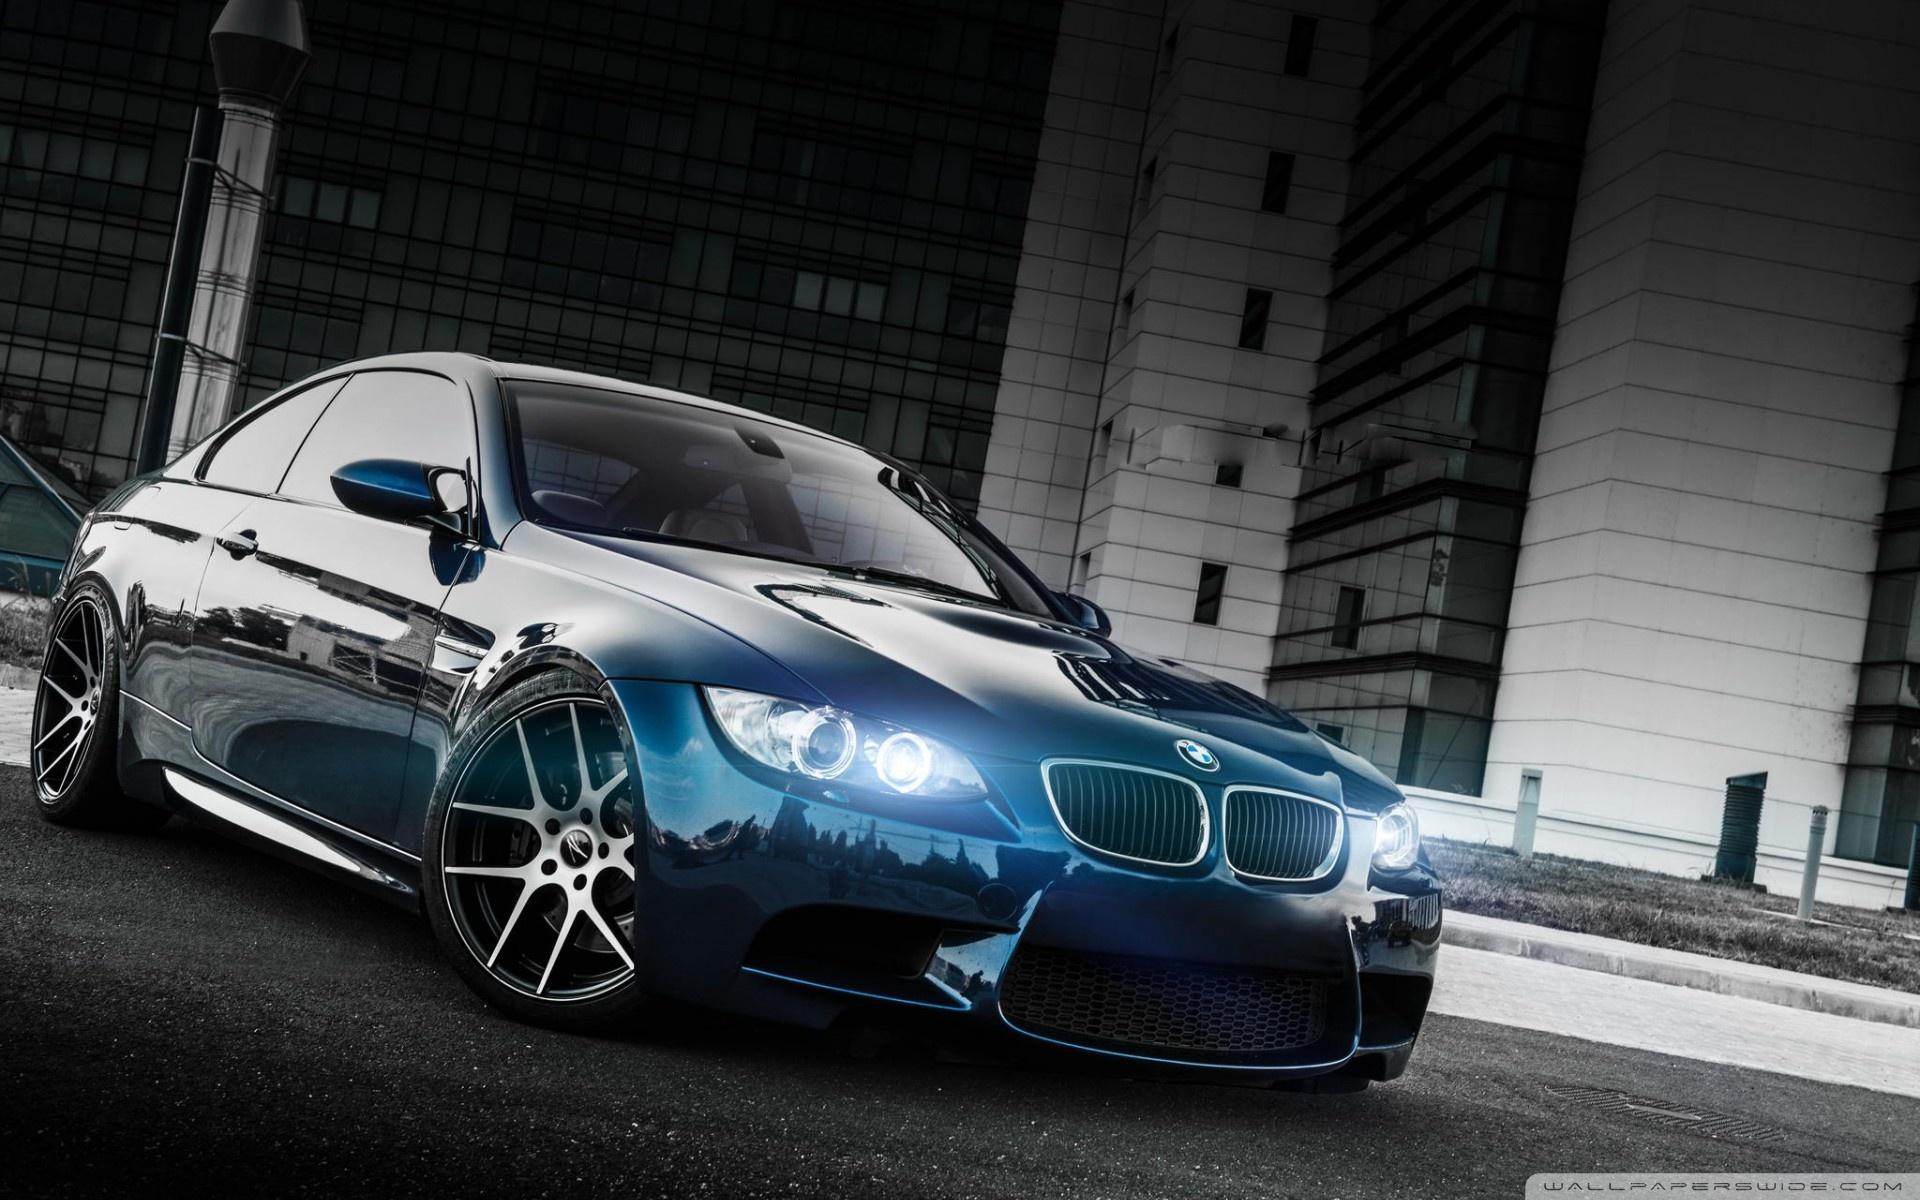 BMW E92 M3 phone wallpaper by alasja 1920x1200